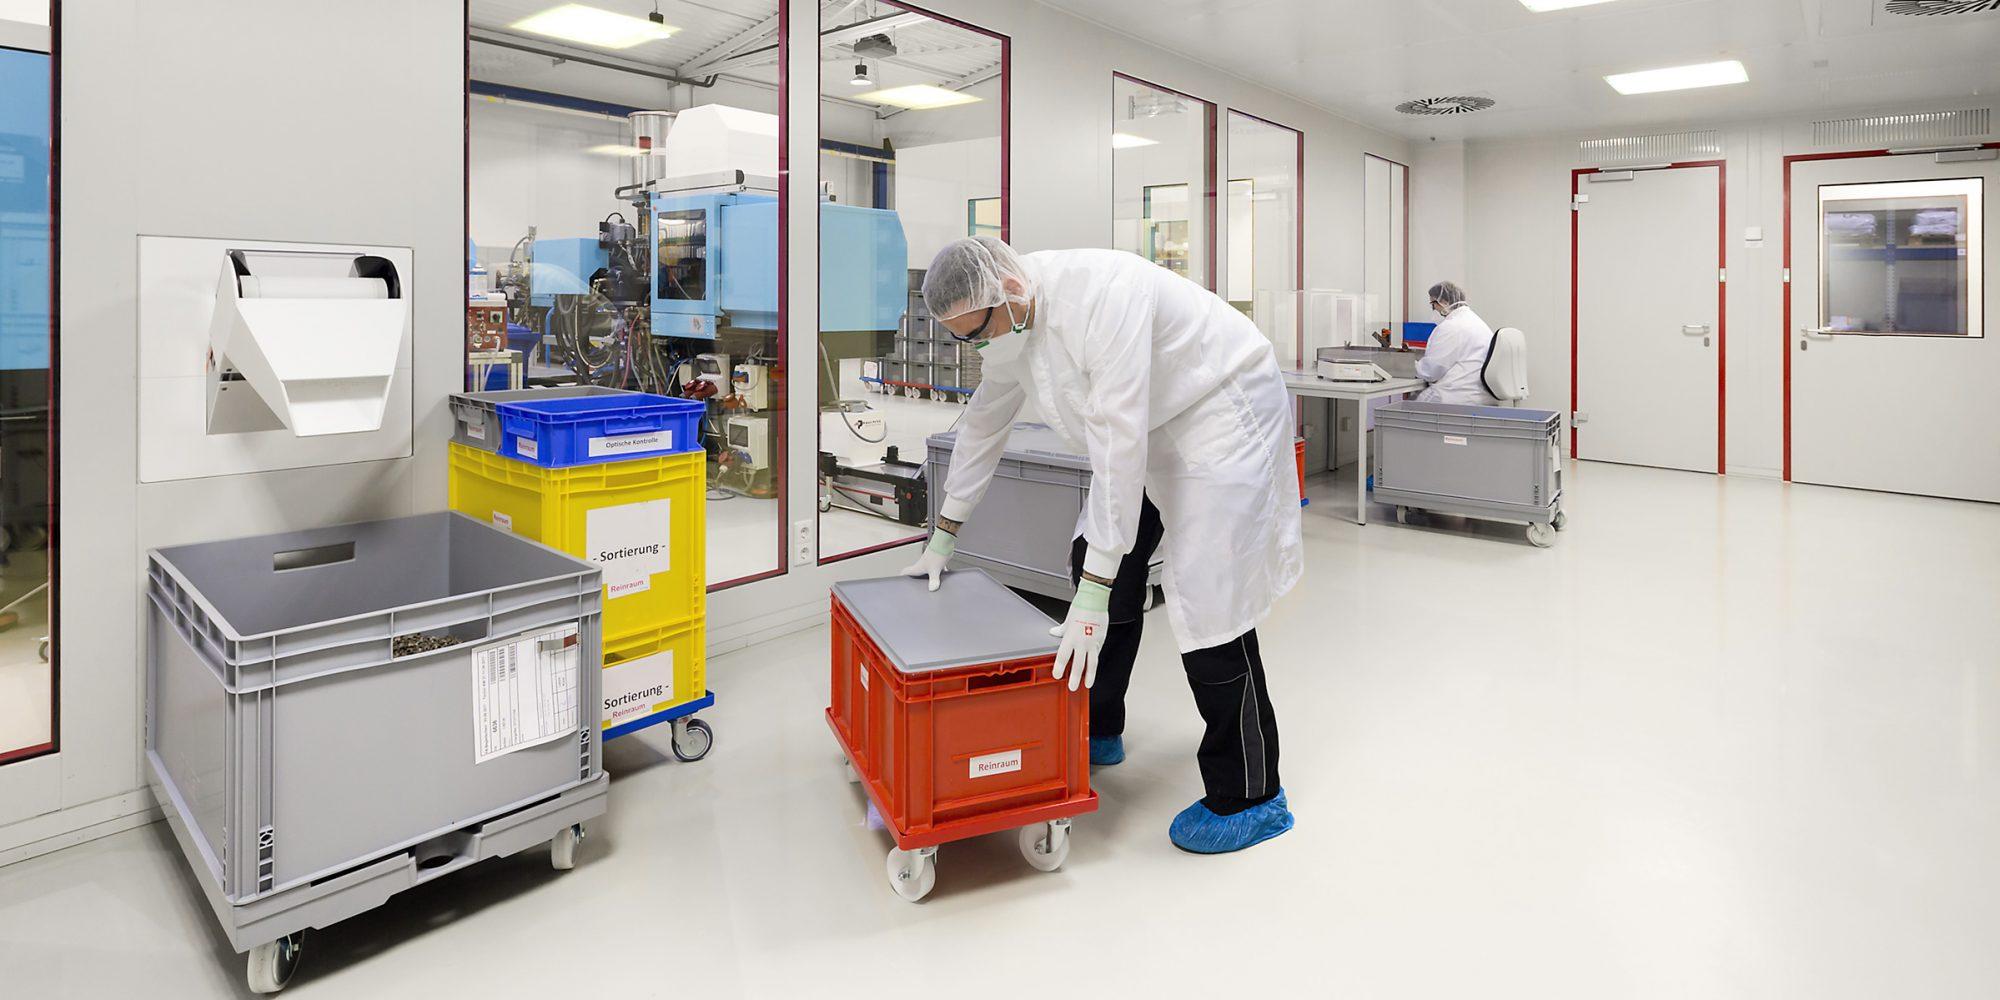 Mitarbeiter verarbeiten in dem Reinraum eines Industrieunternehmens frisch produzierte Kunststoffteile für die Luftfahrtindustrie.